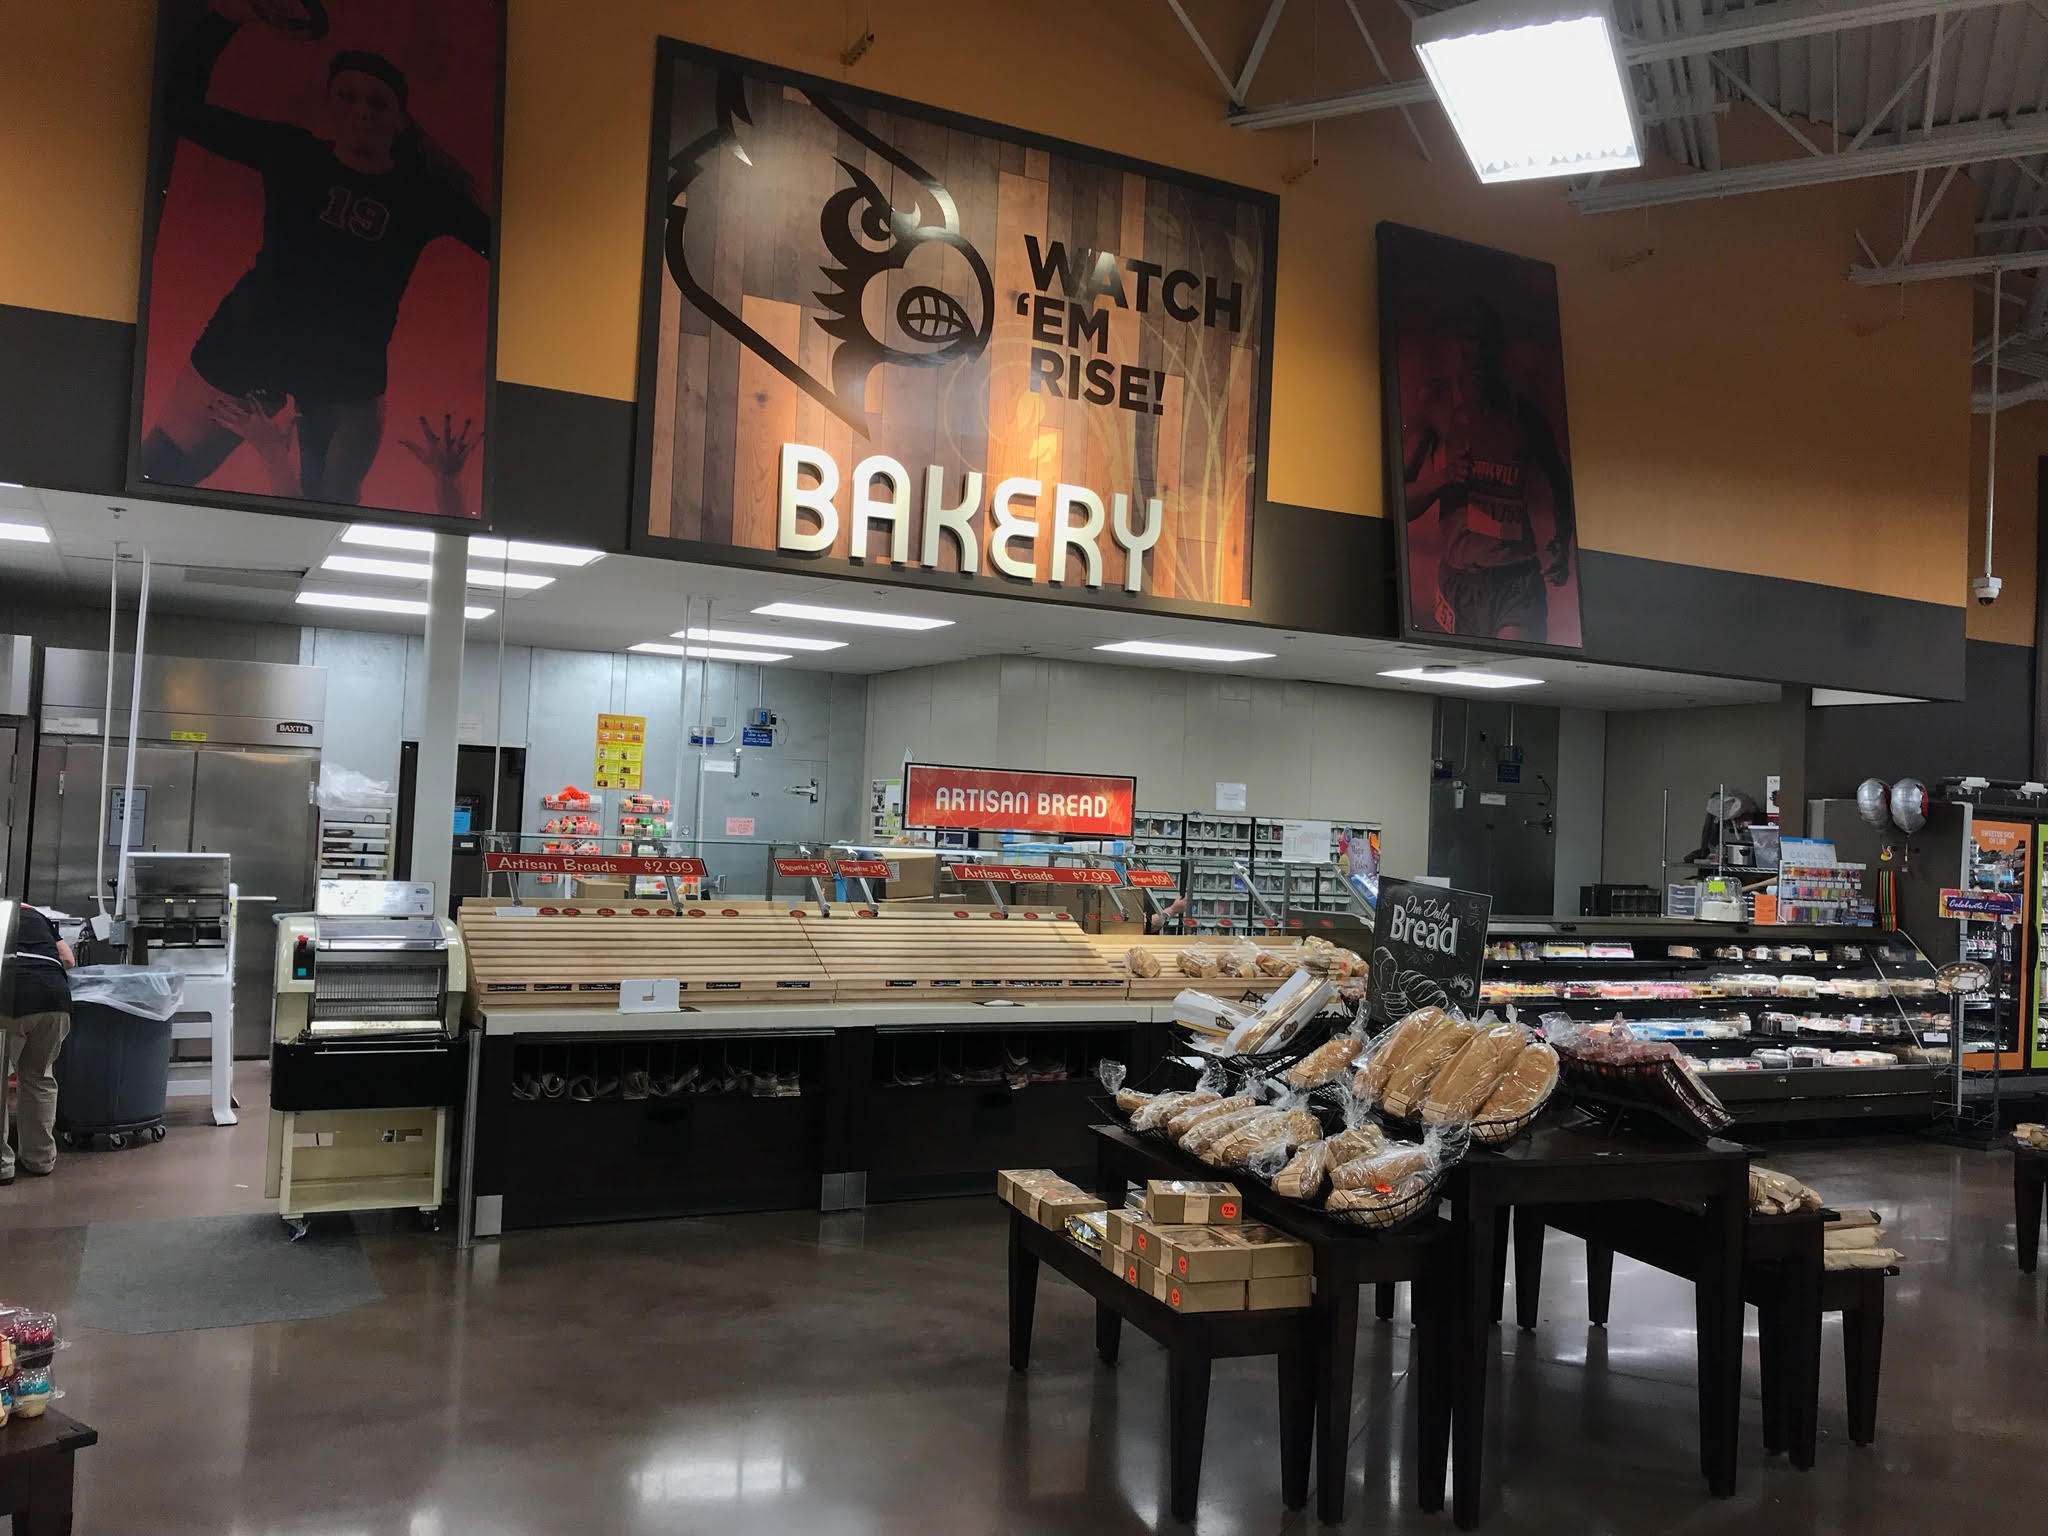 K2 - Baker